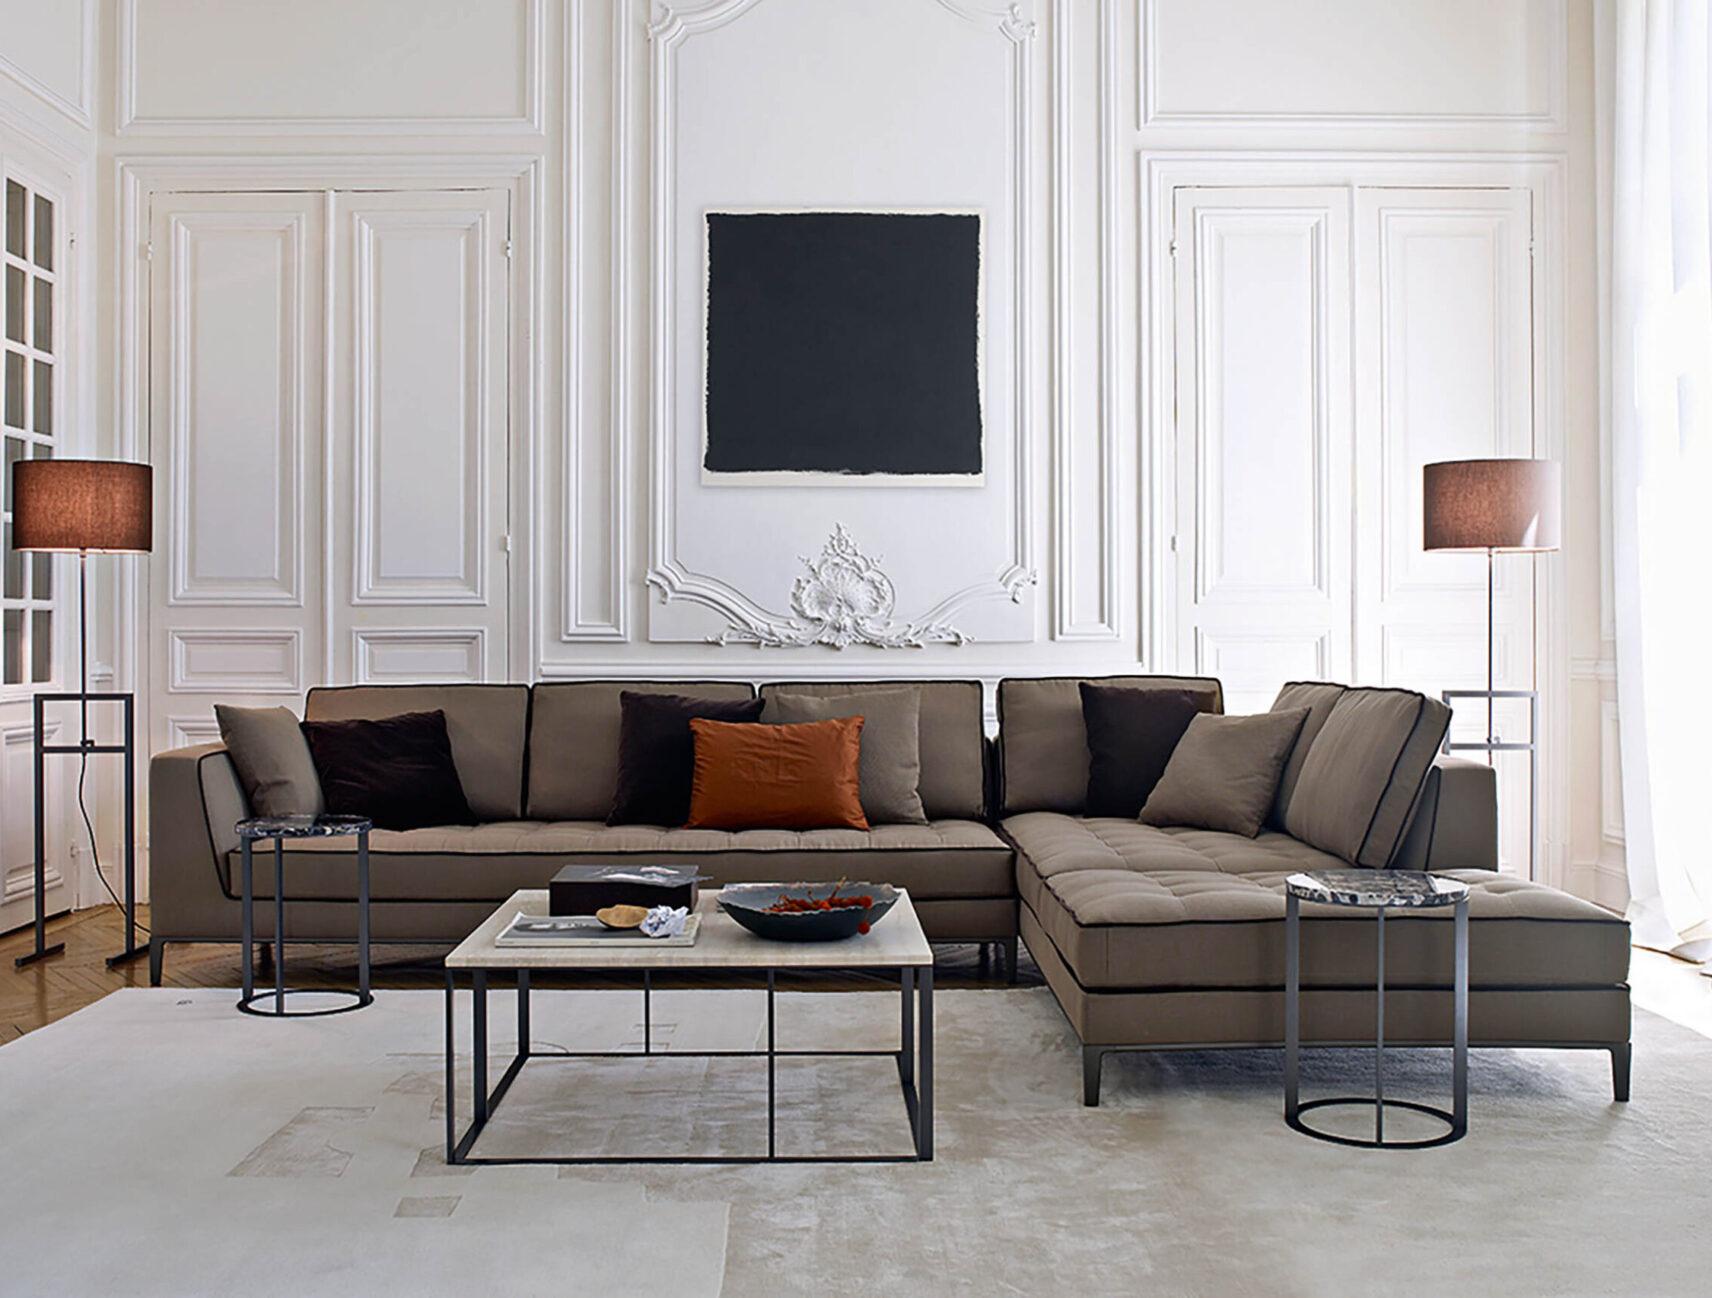 Sofa Lucrezia der Simplice Collection von Maxalto